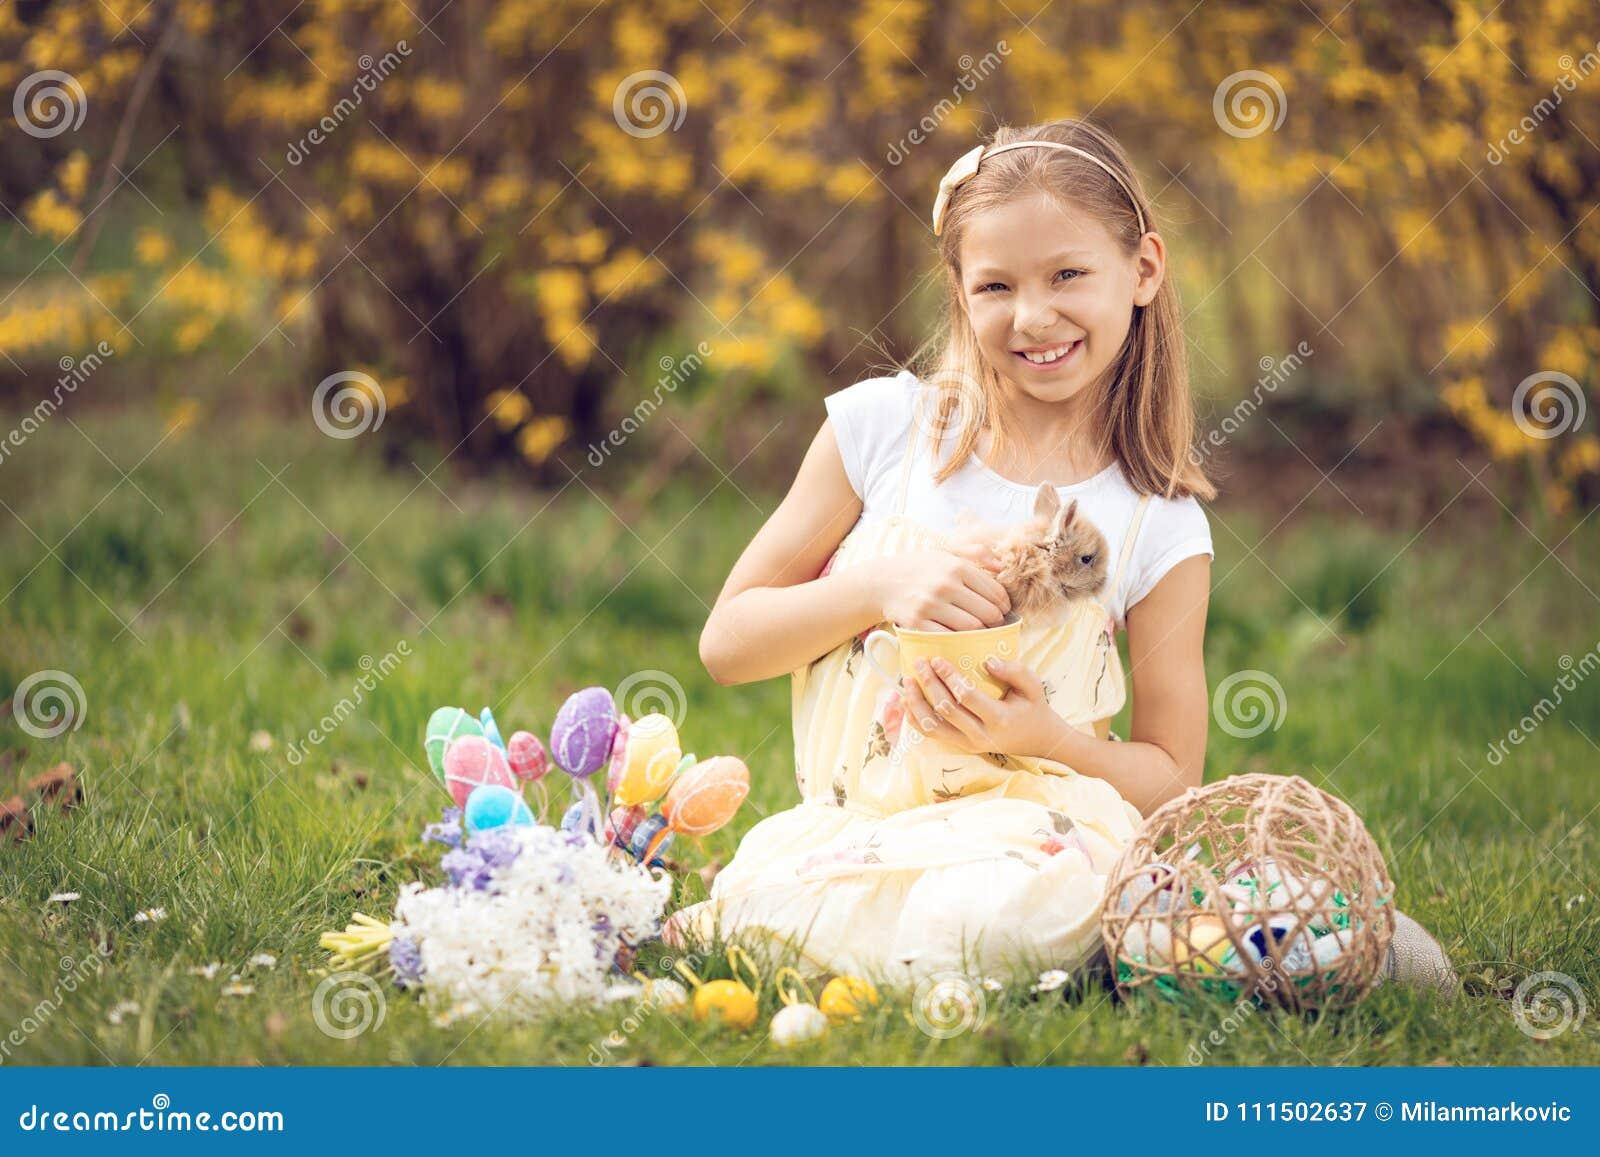 复活节兔子和小女孩